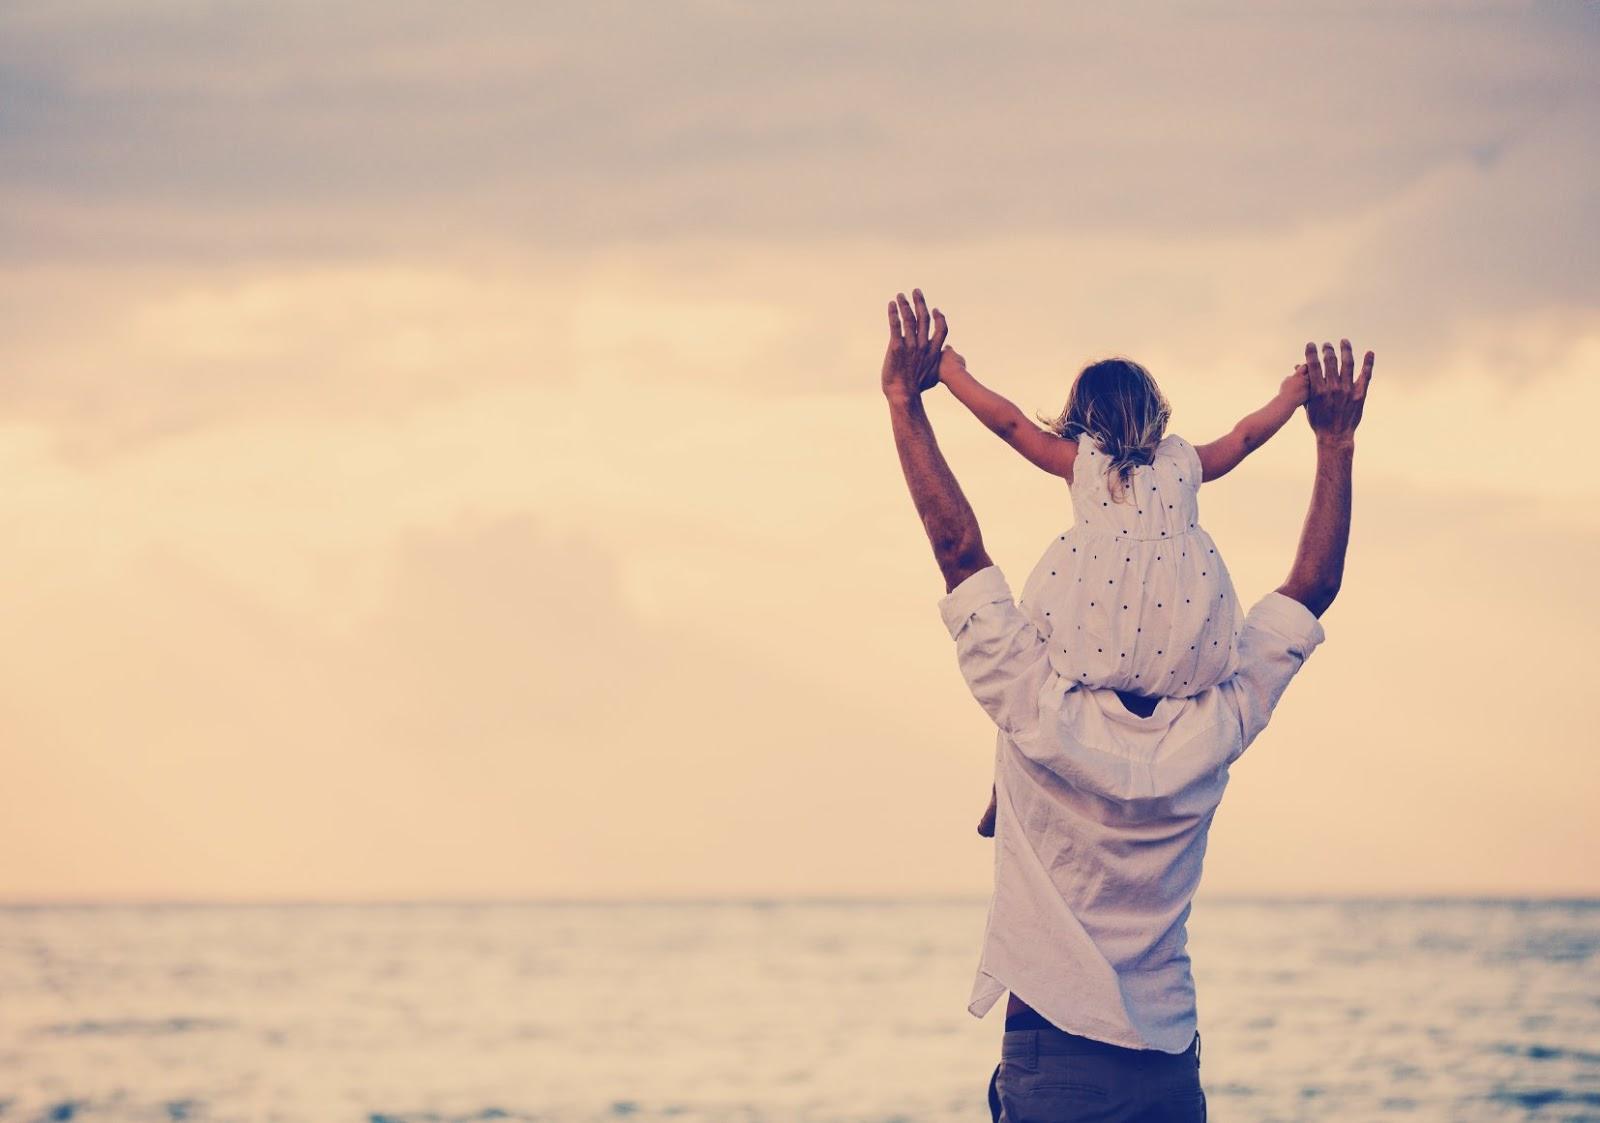 NHỚ VỀ CHA YÊU (giới thiệu & cảm nhận bài thơ hay viết về Cha)